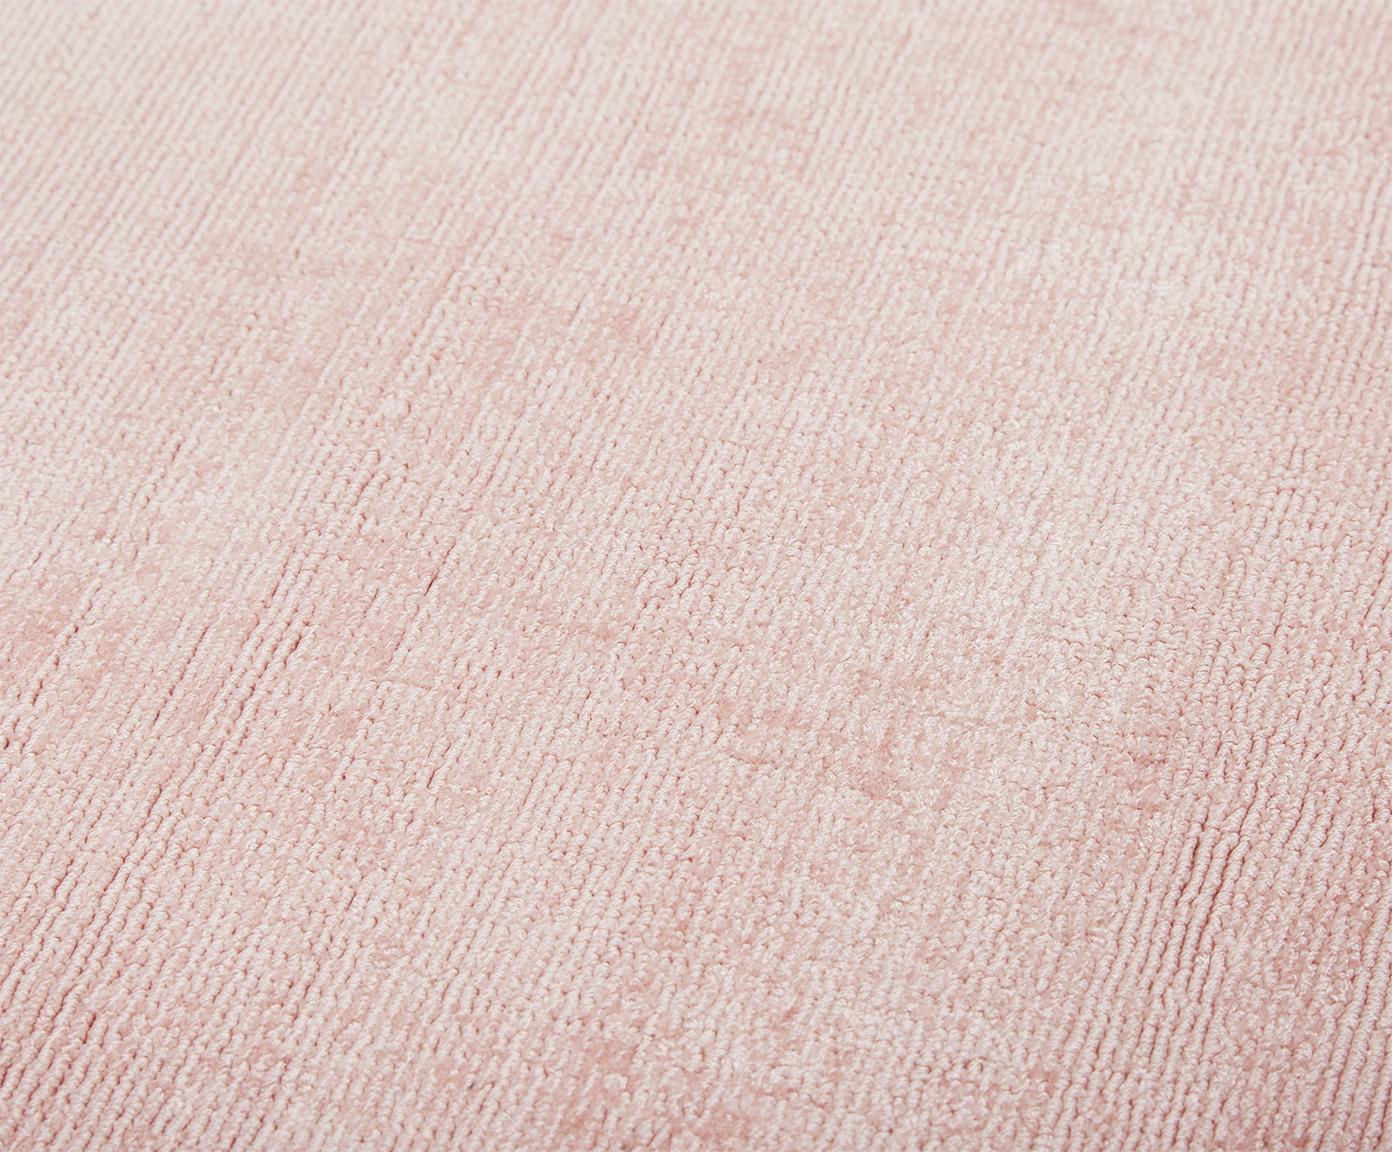 Handgeweven viscose vloerkleed Jane, Bovenzijde: 100% viscose, Onderzijde: 100% katoen, Roze, 200 x 300 cm